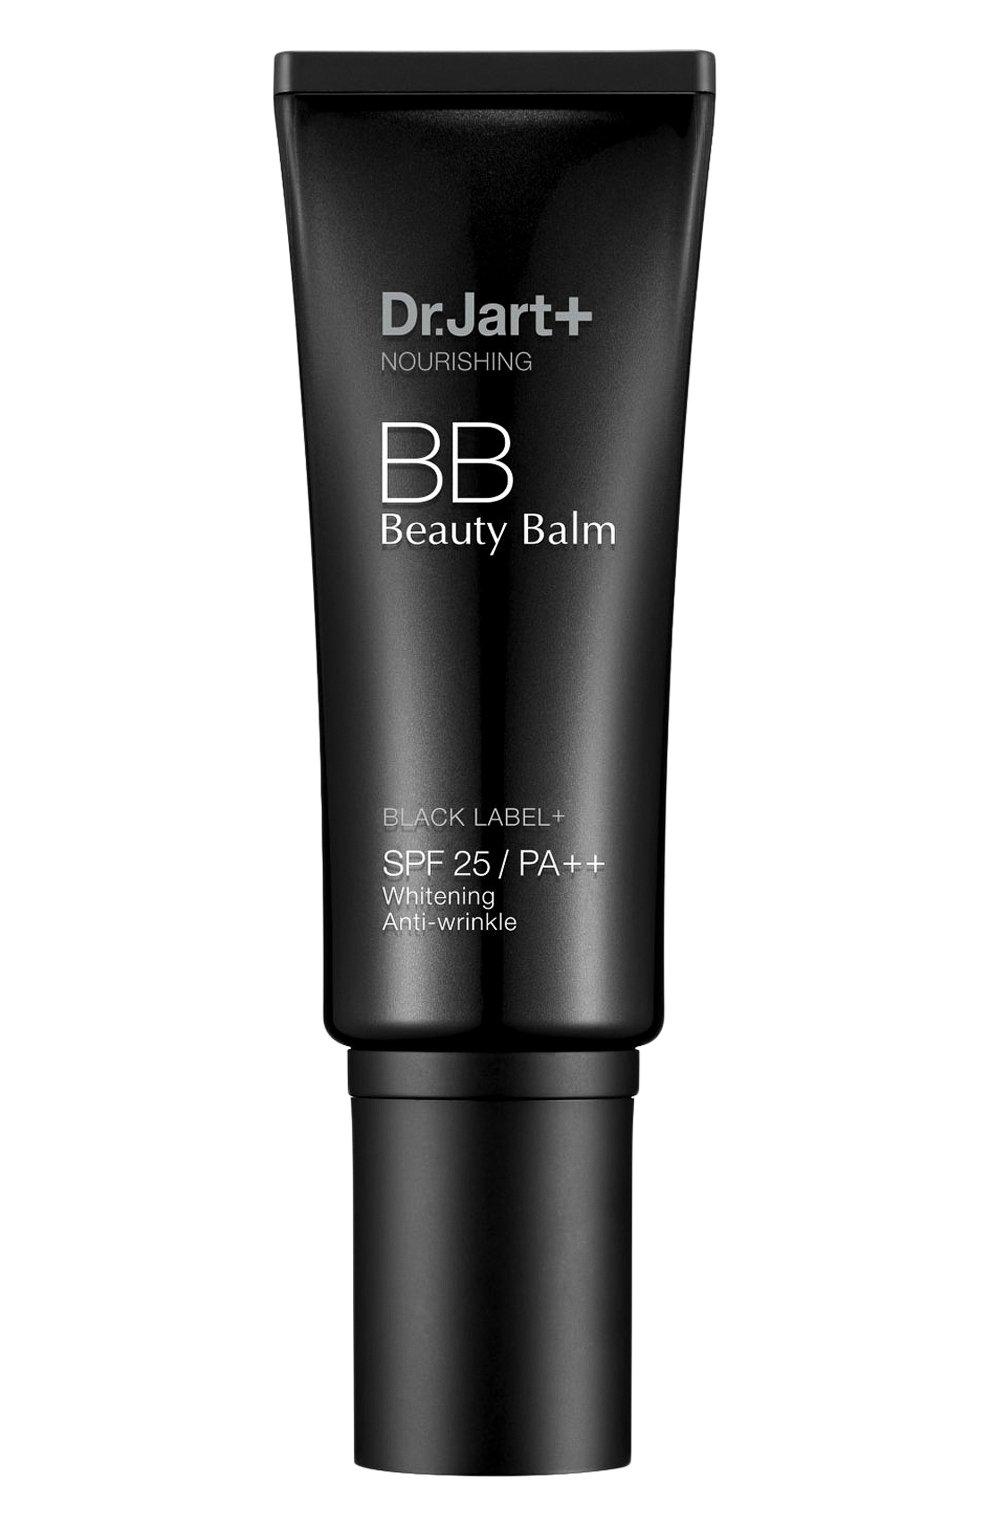 Женский питательный bb-крем black label spf25/pa++ DR.JART+ бесцветного цвета, арт. 8809535809681 | Фото 1